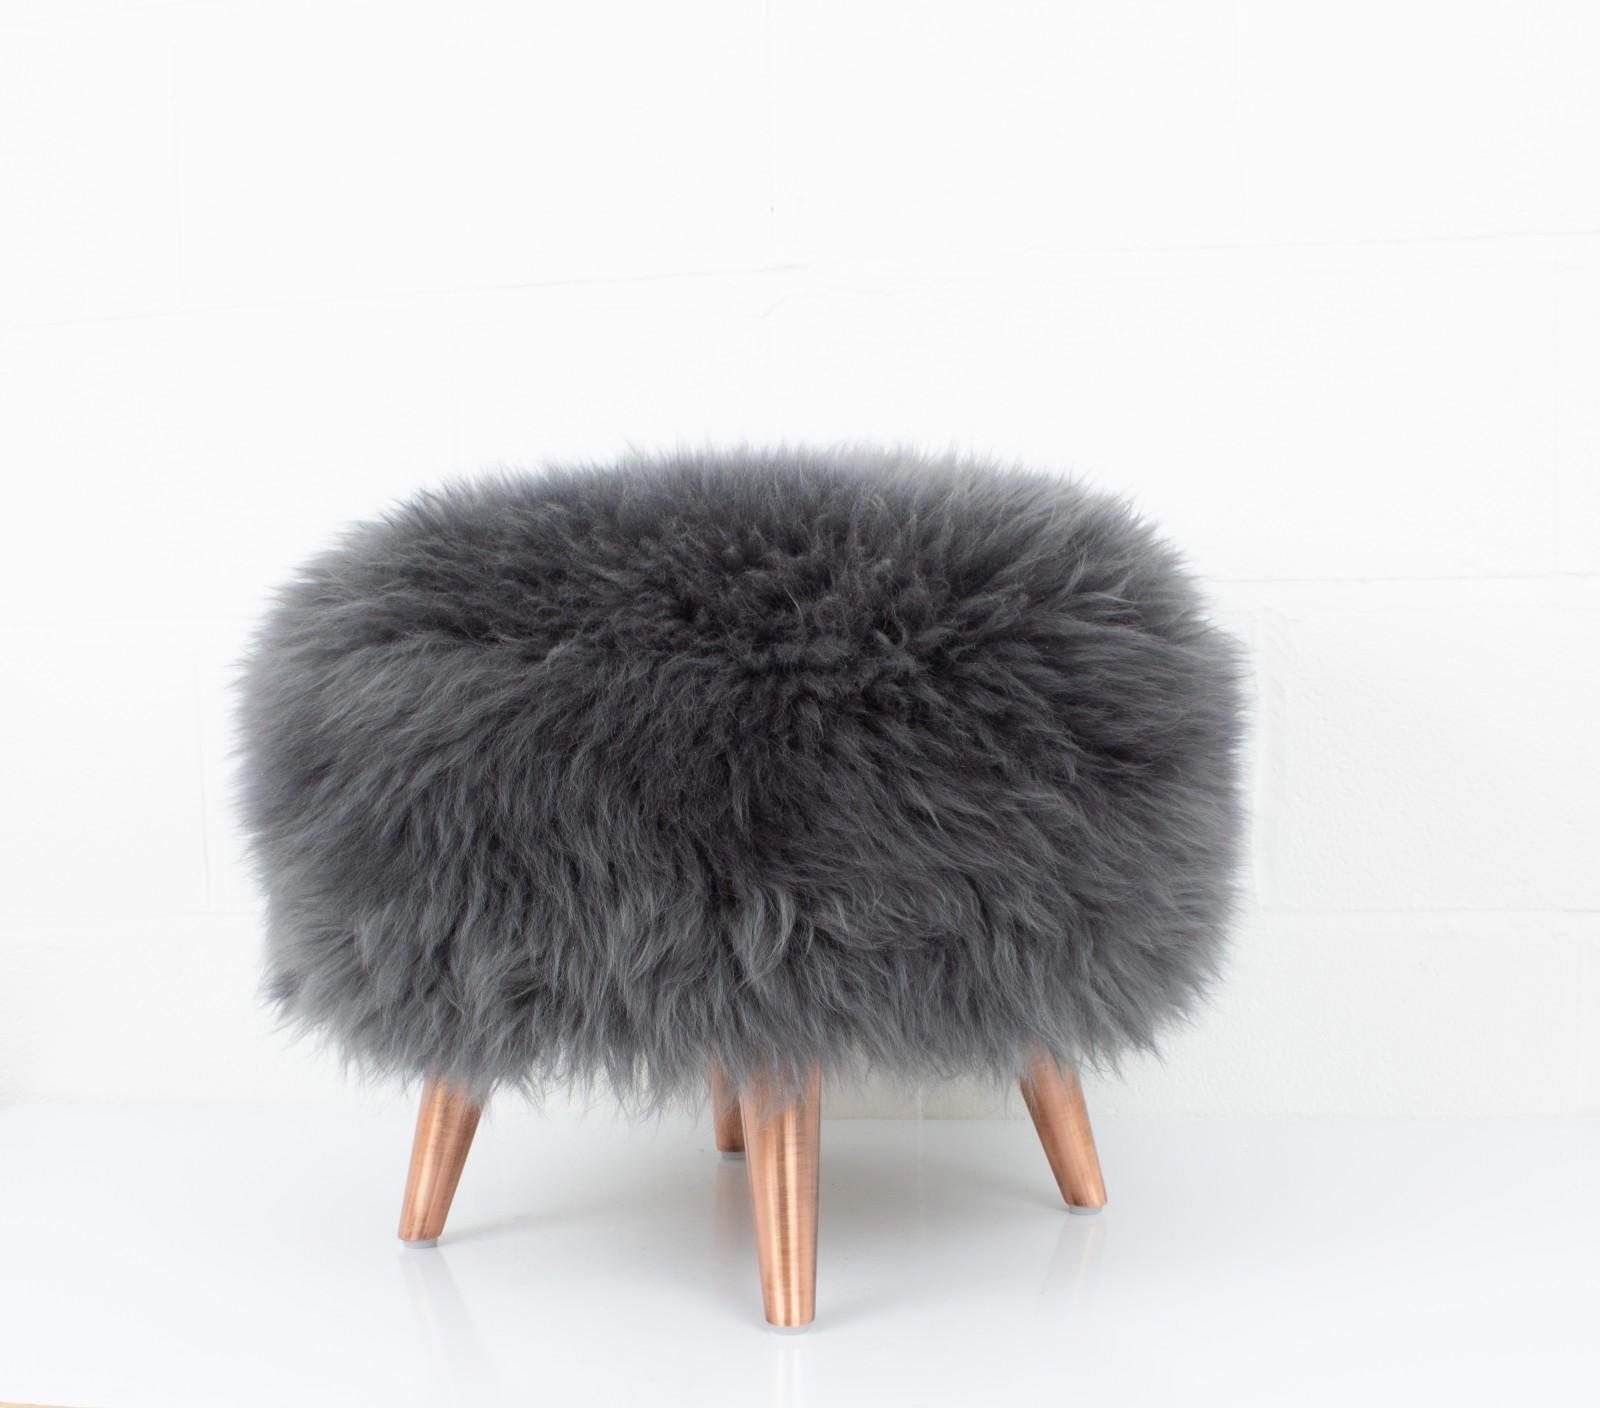 Sheepskin Tuffet - Copper Slate Grey